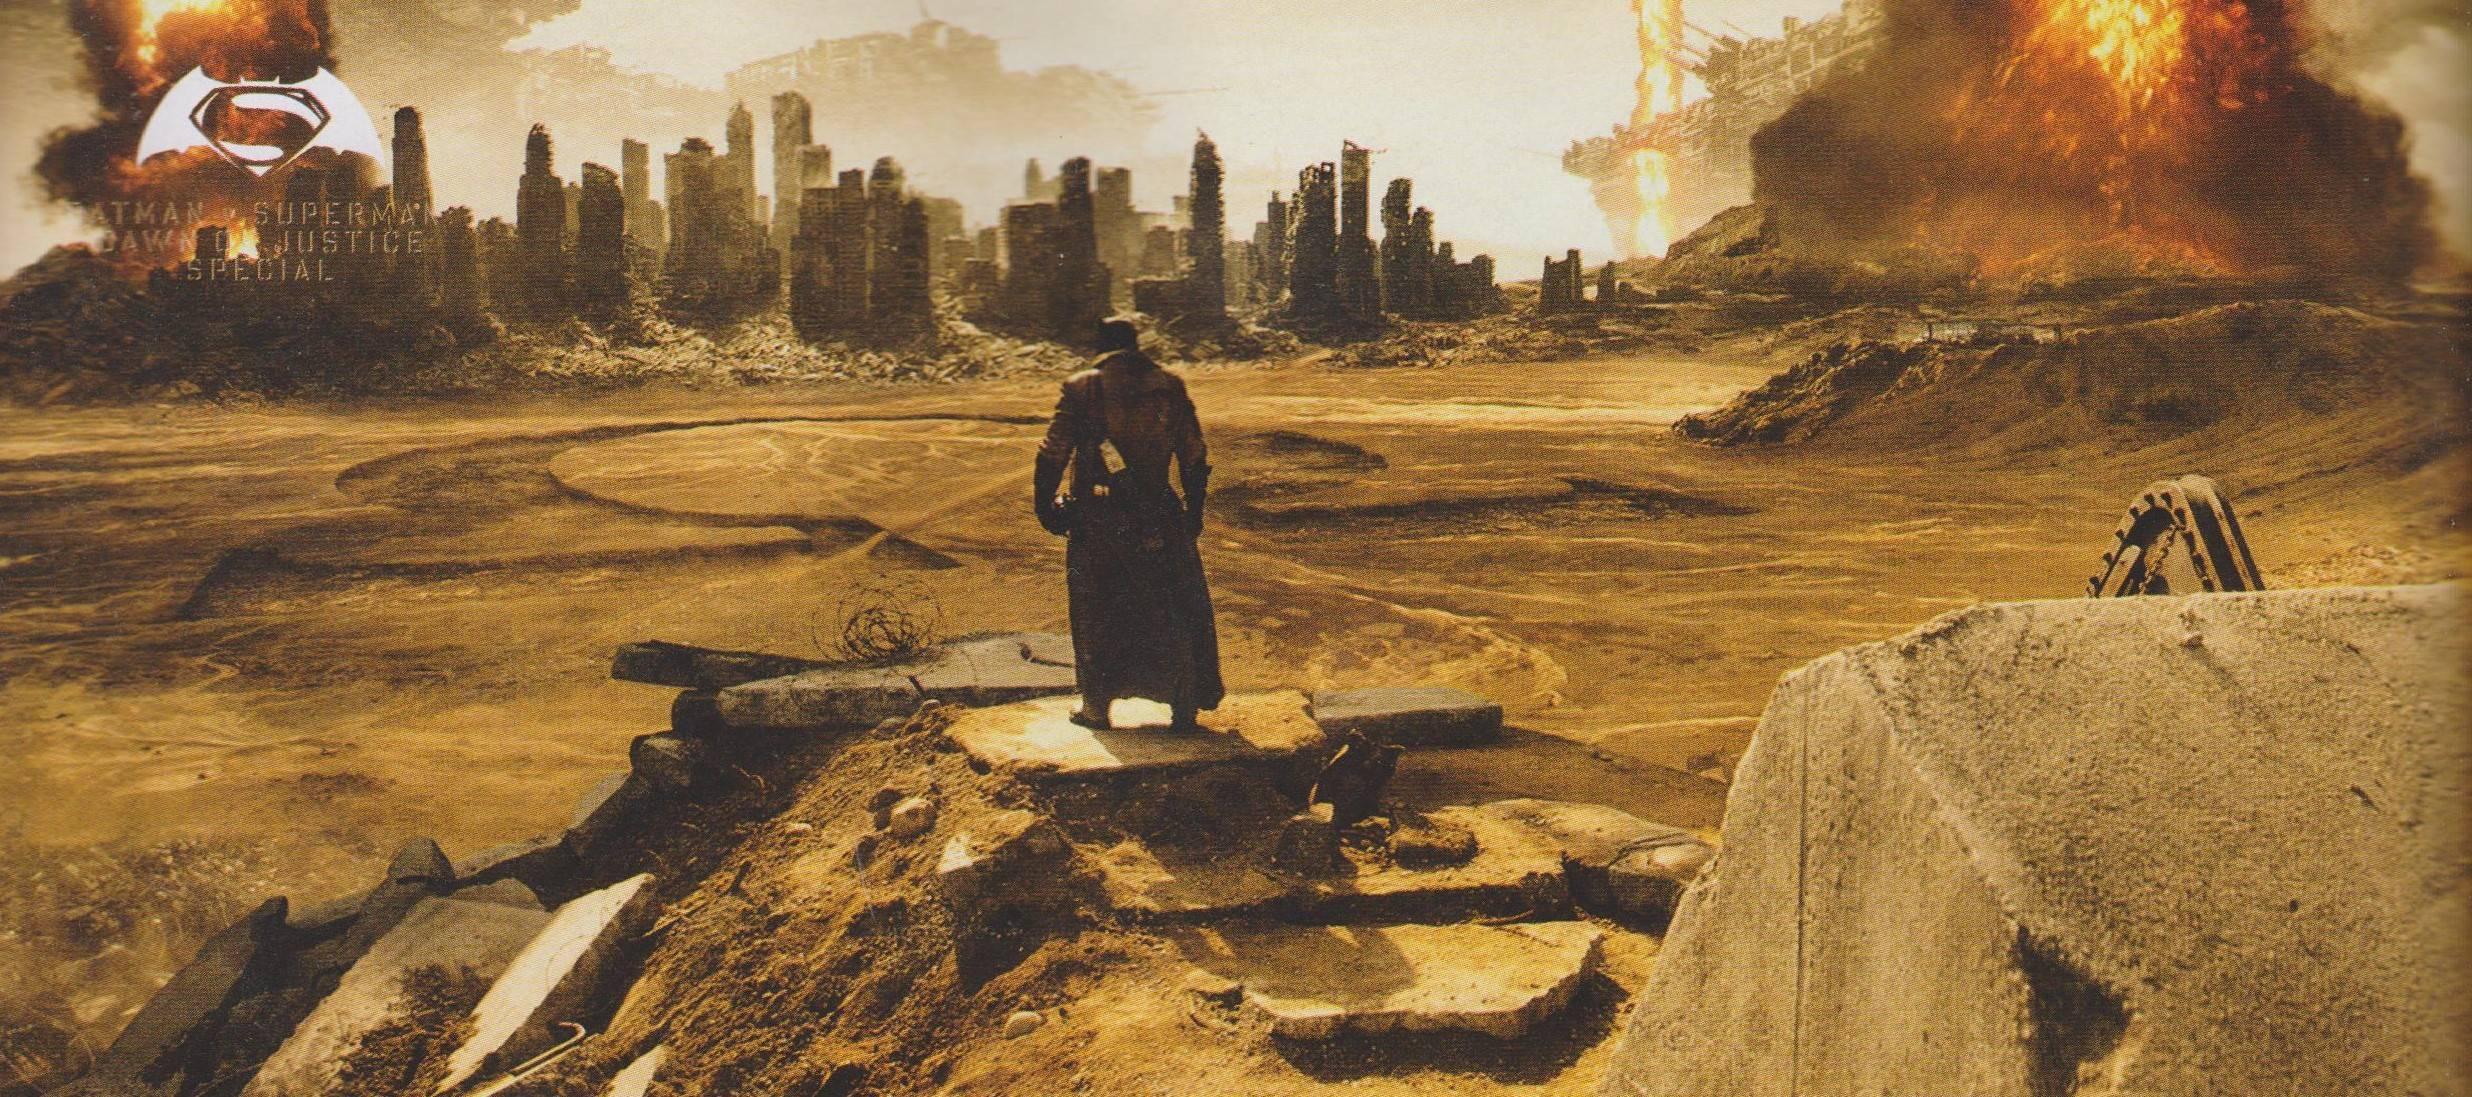 Darkseid is coming